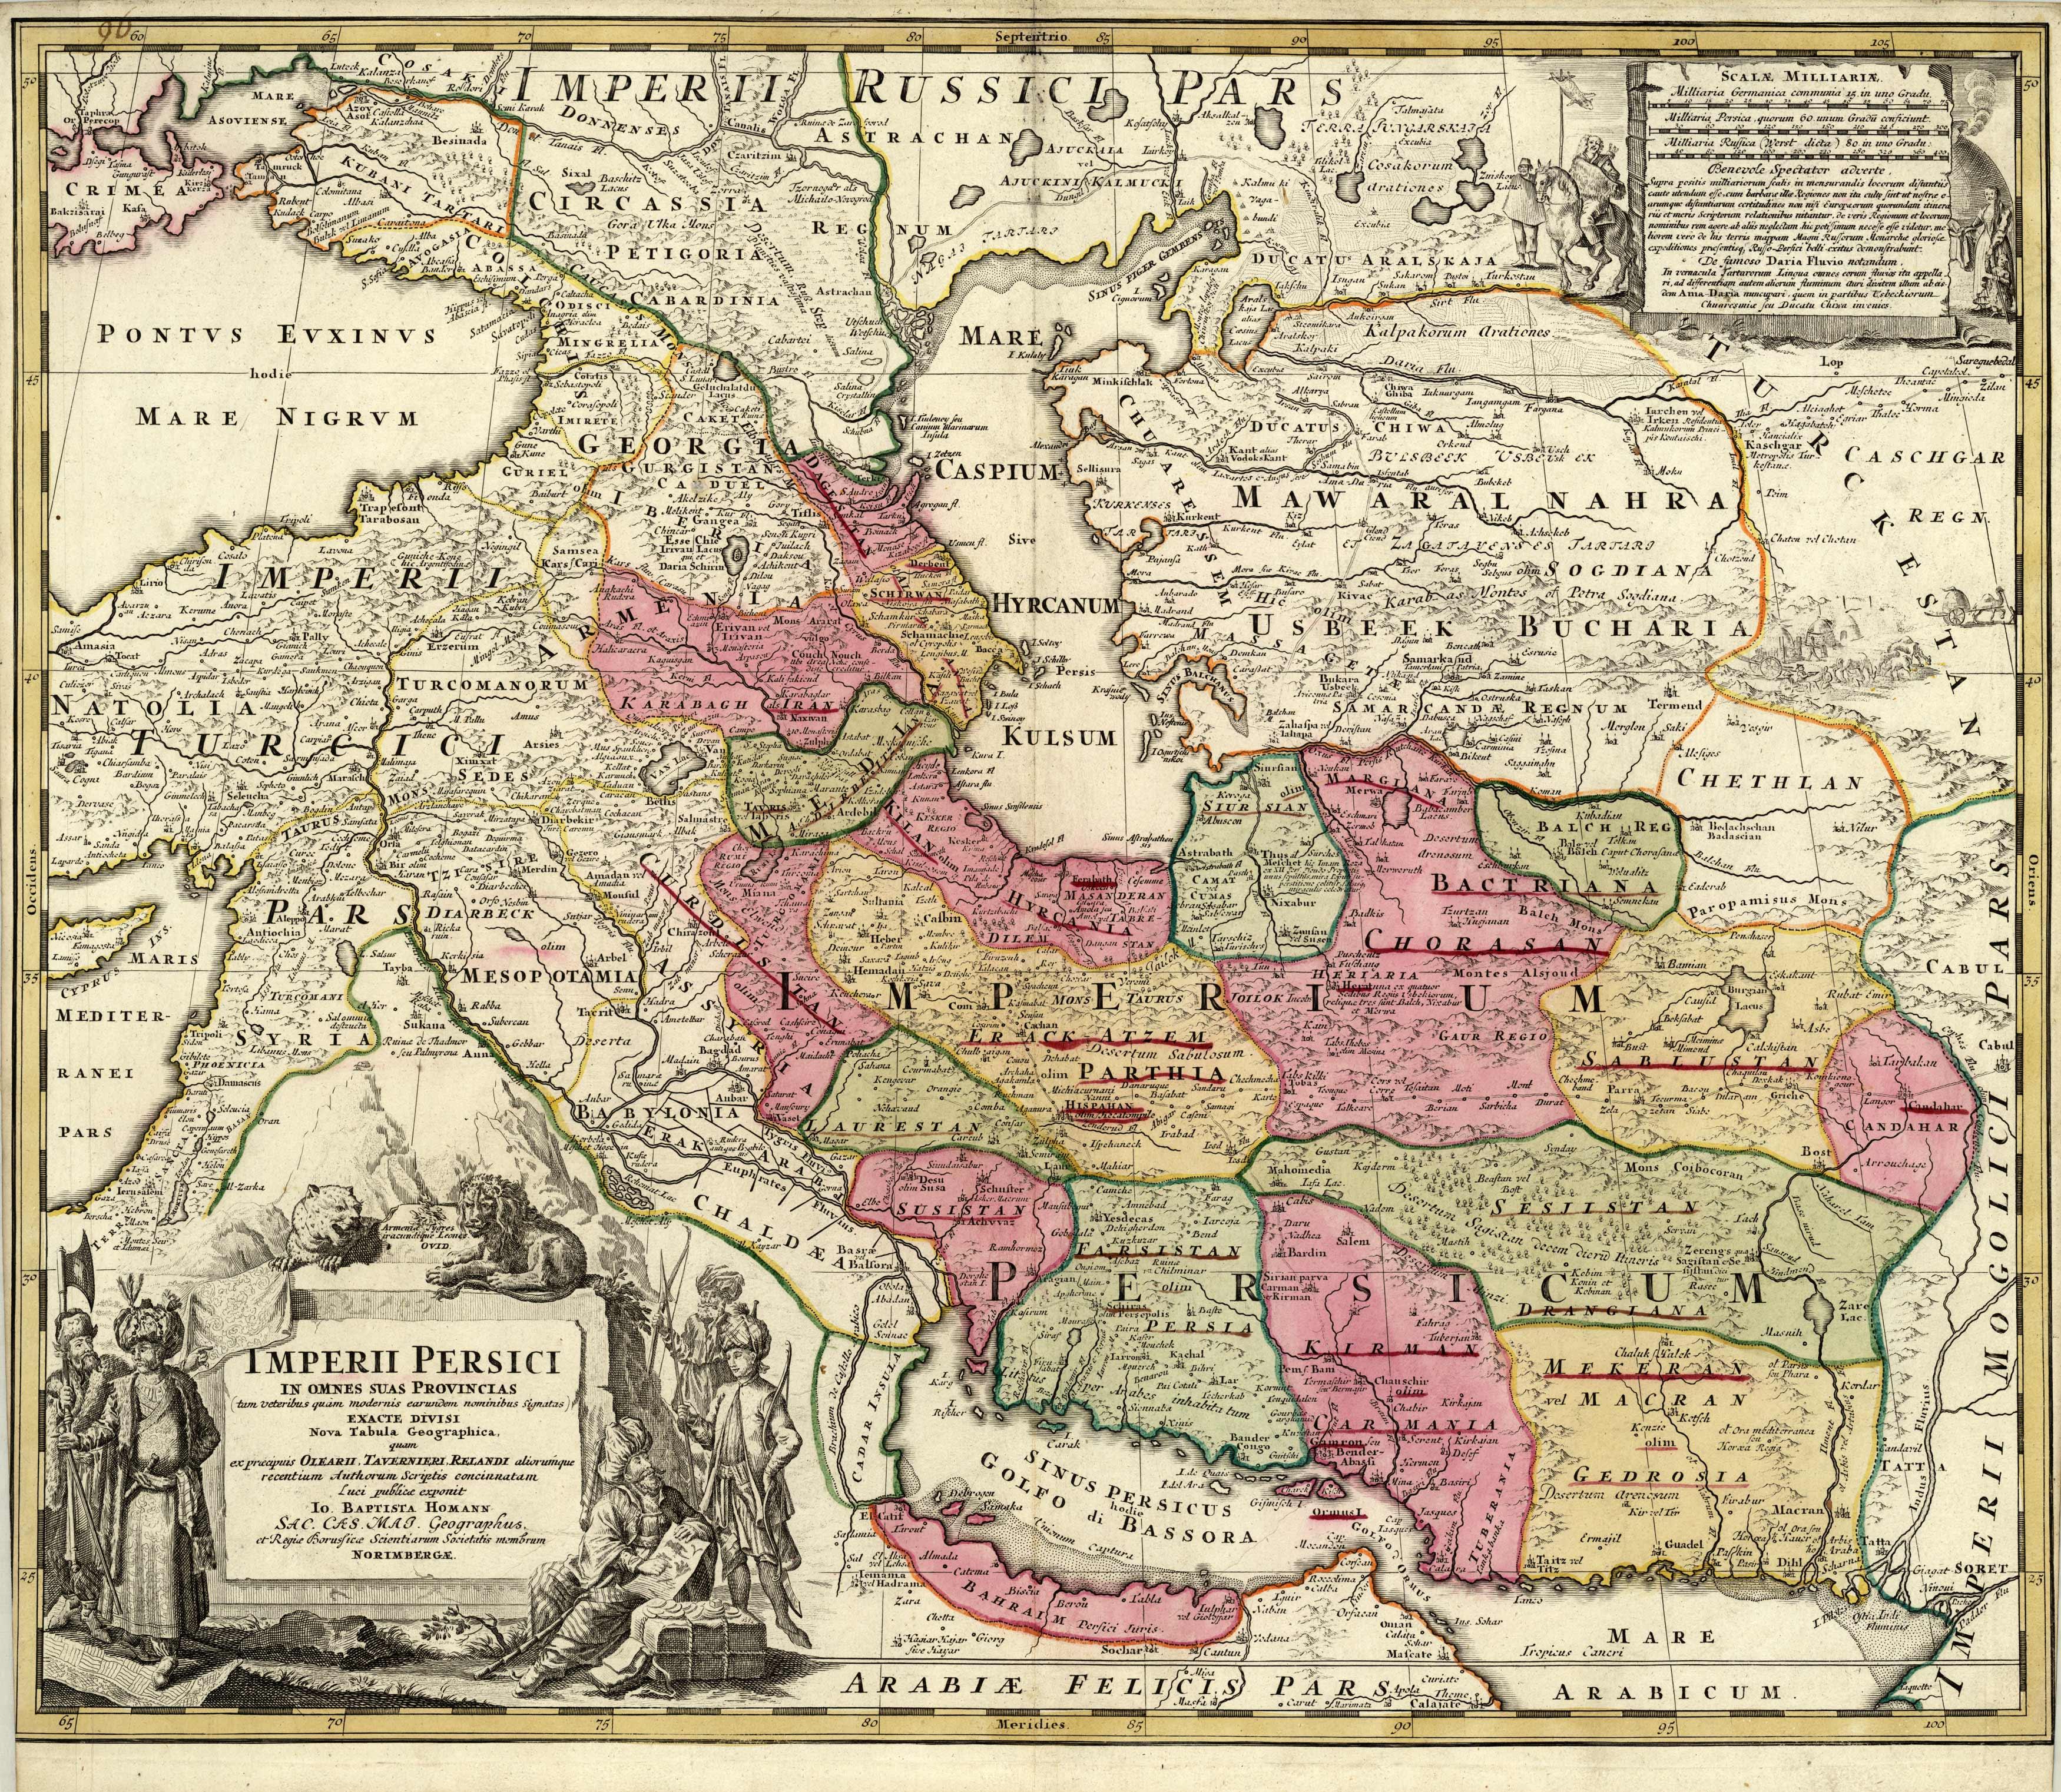 Imperii Persici in Omnes suas Provincias.. [Persia]